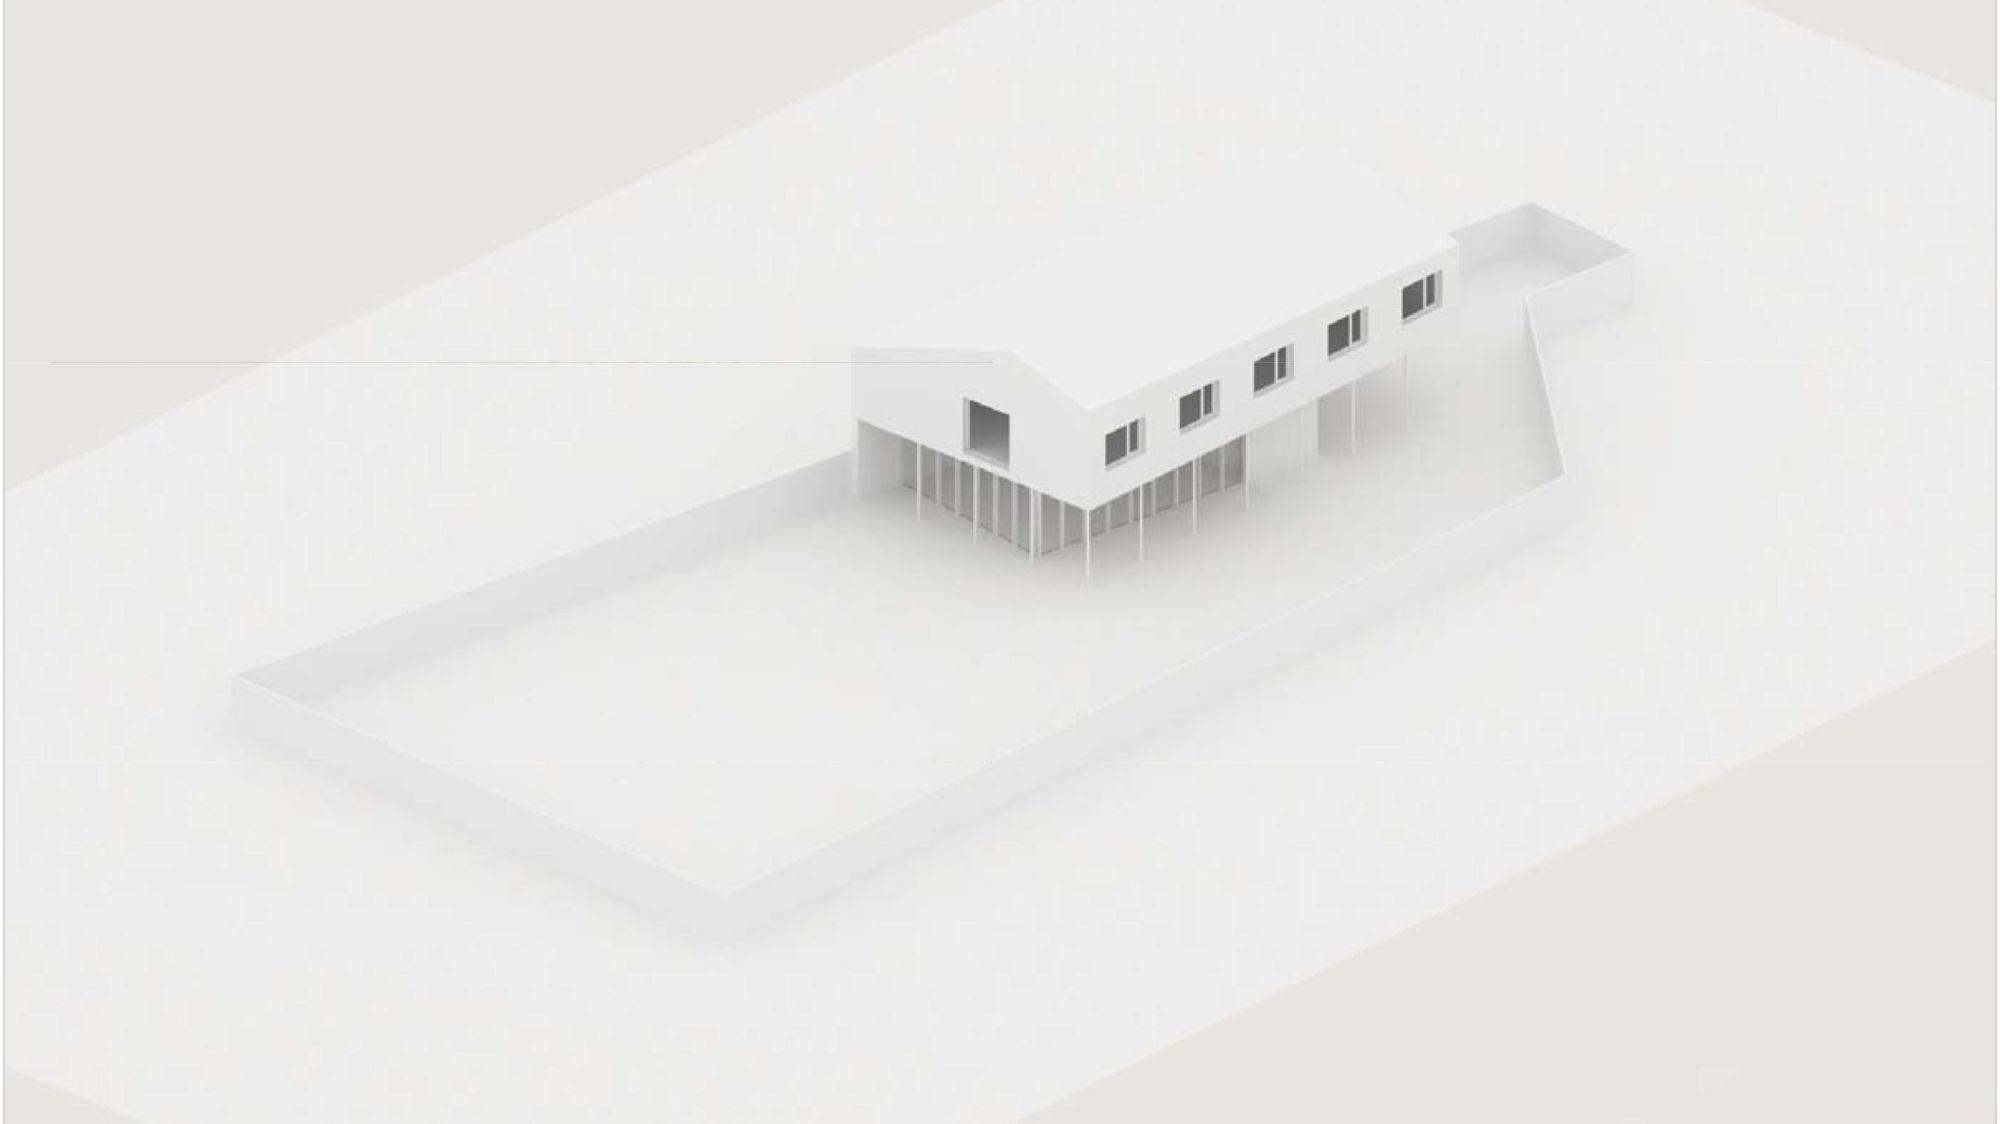 Maquette de l'espace de la maison